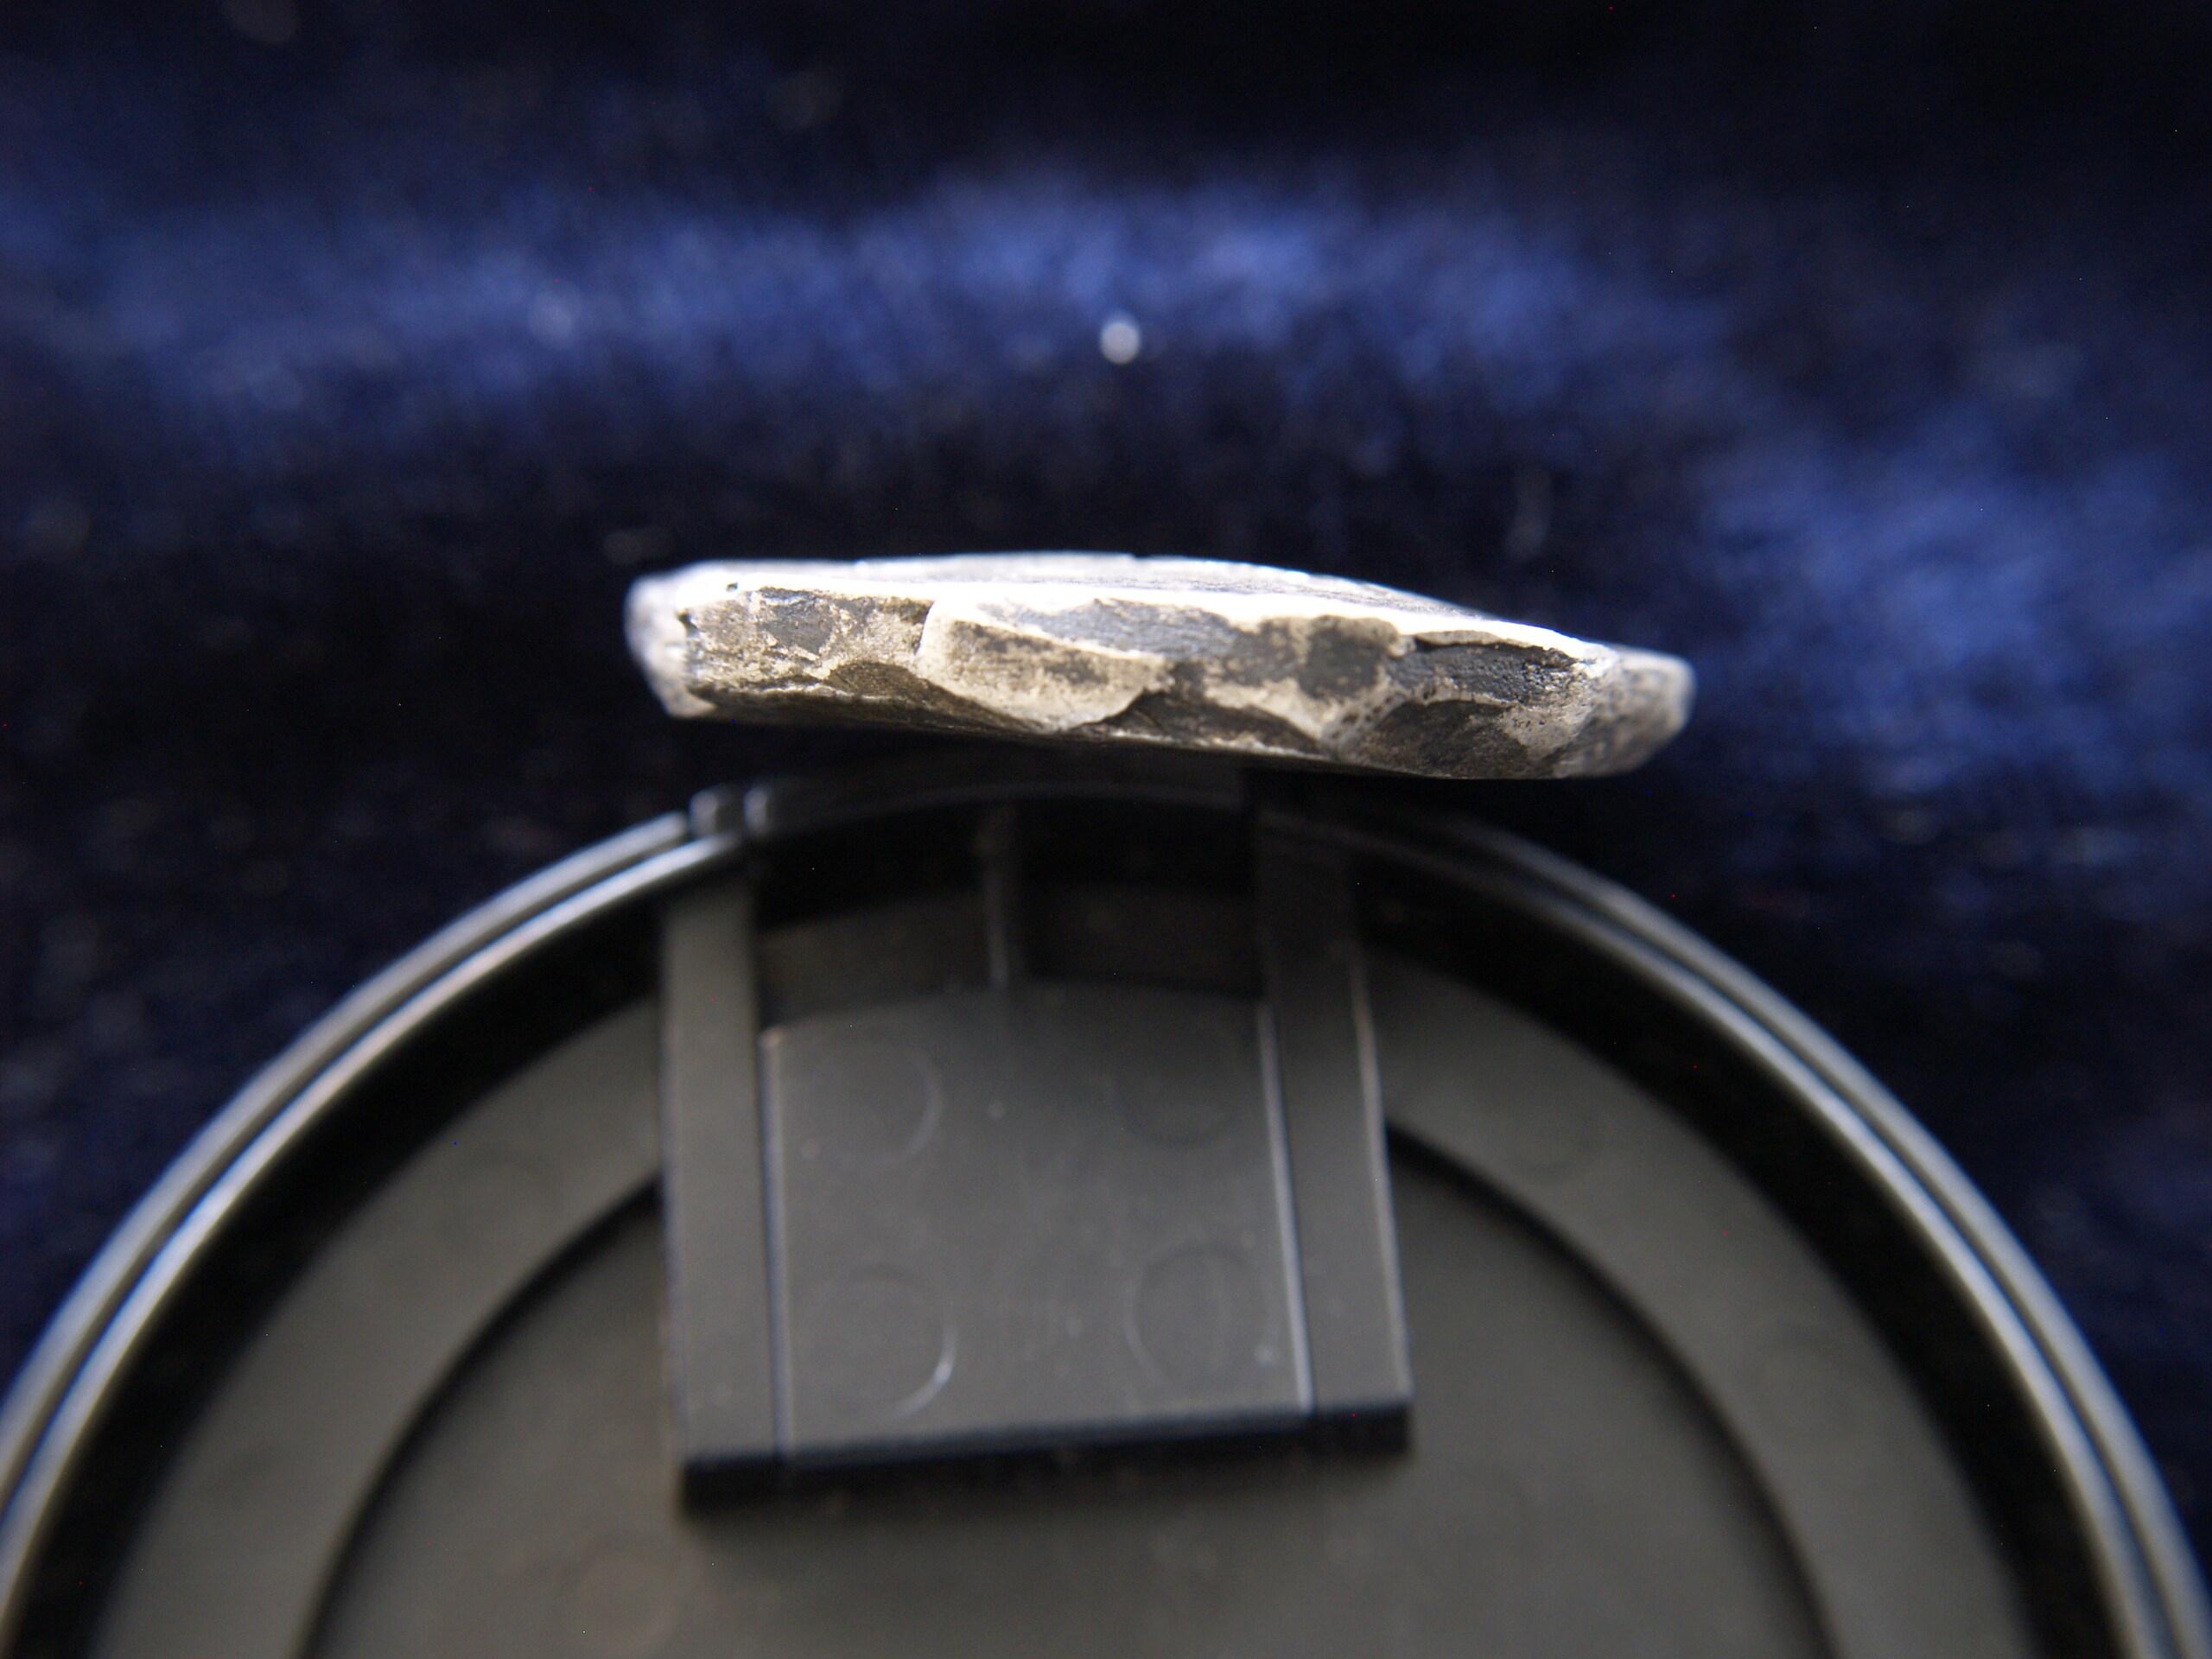 Identificación de ceca - 8 reales macuquinos de 1748 _1019224